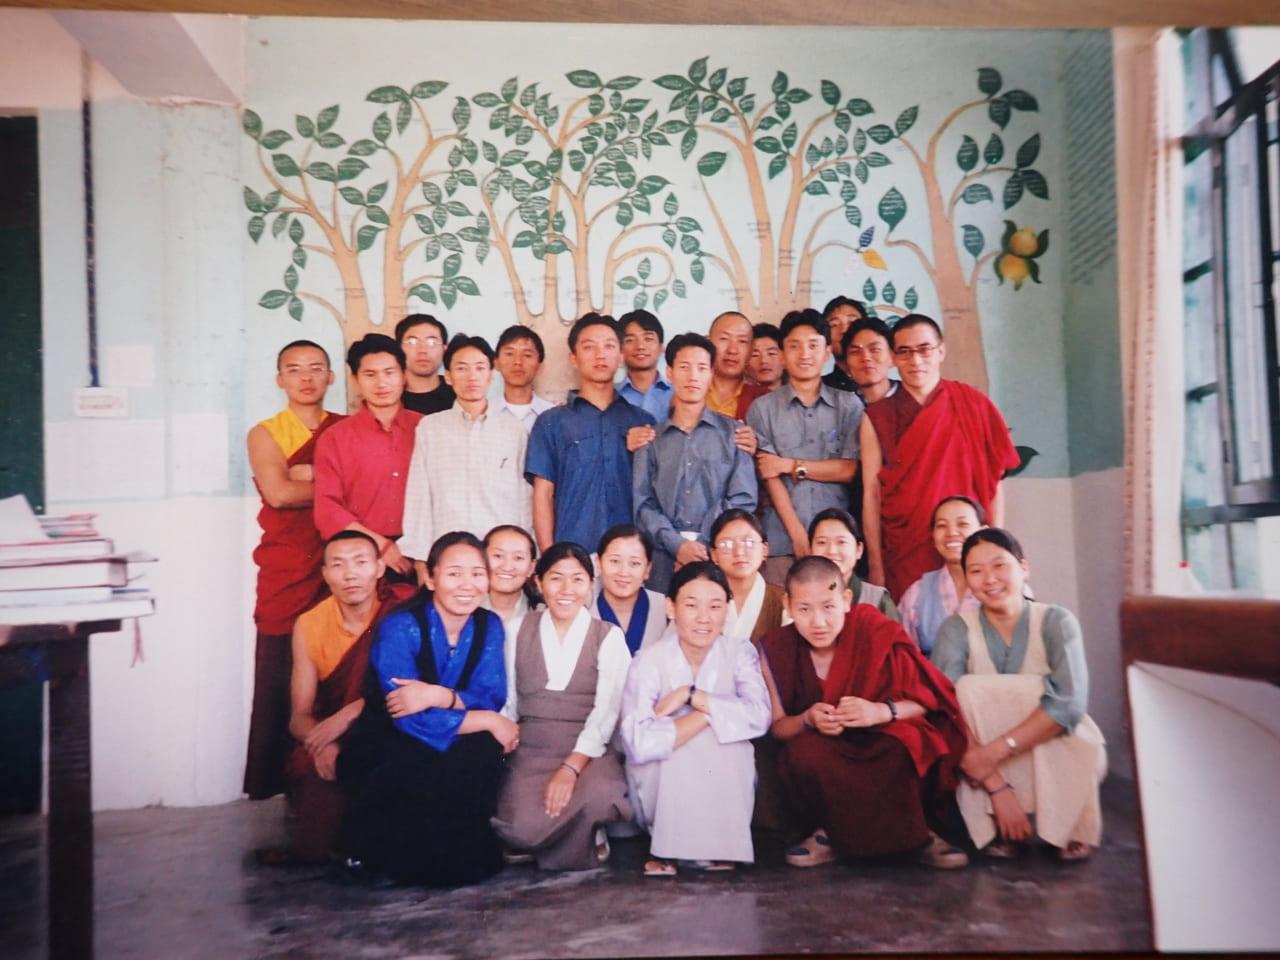 メンツィカン13期生 とチベット医学の樹木